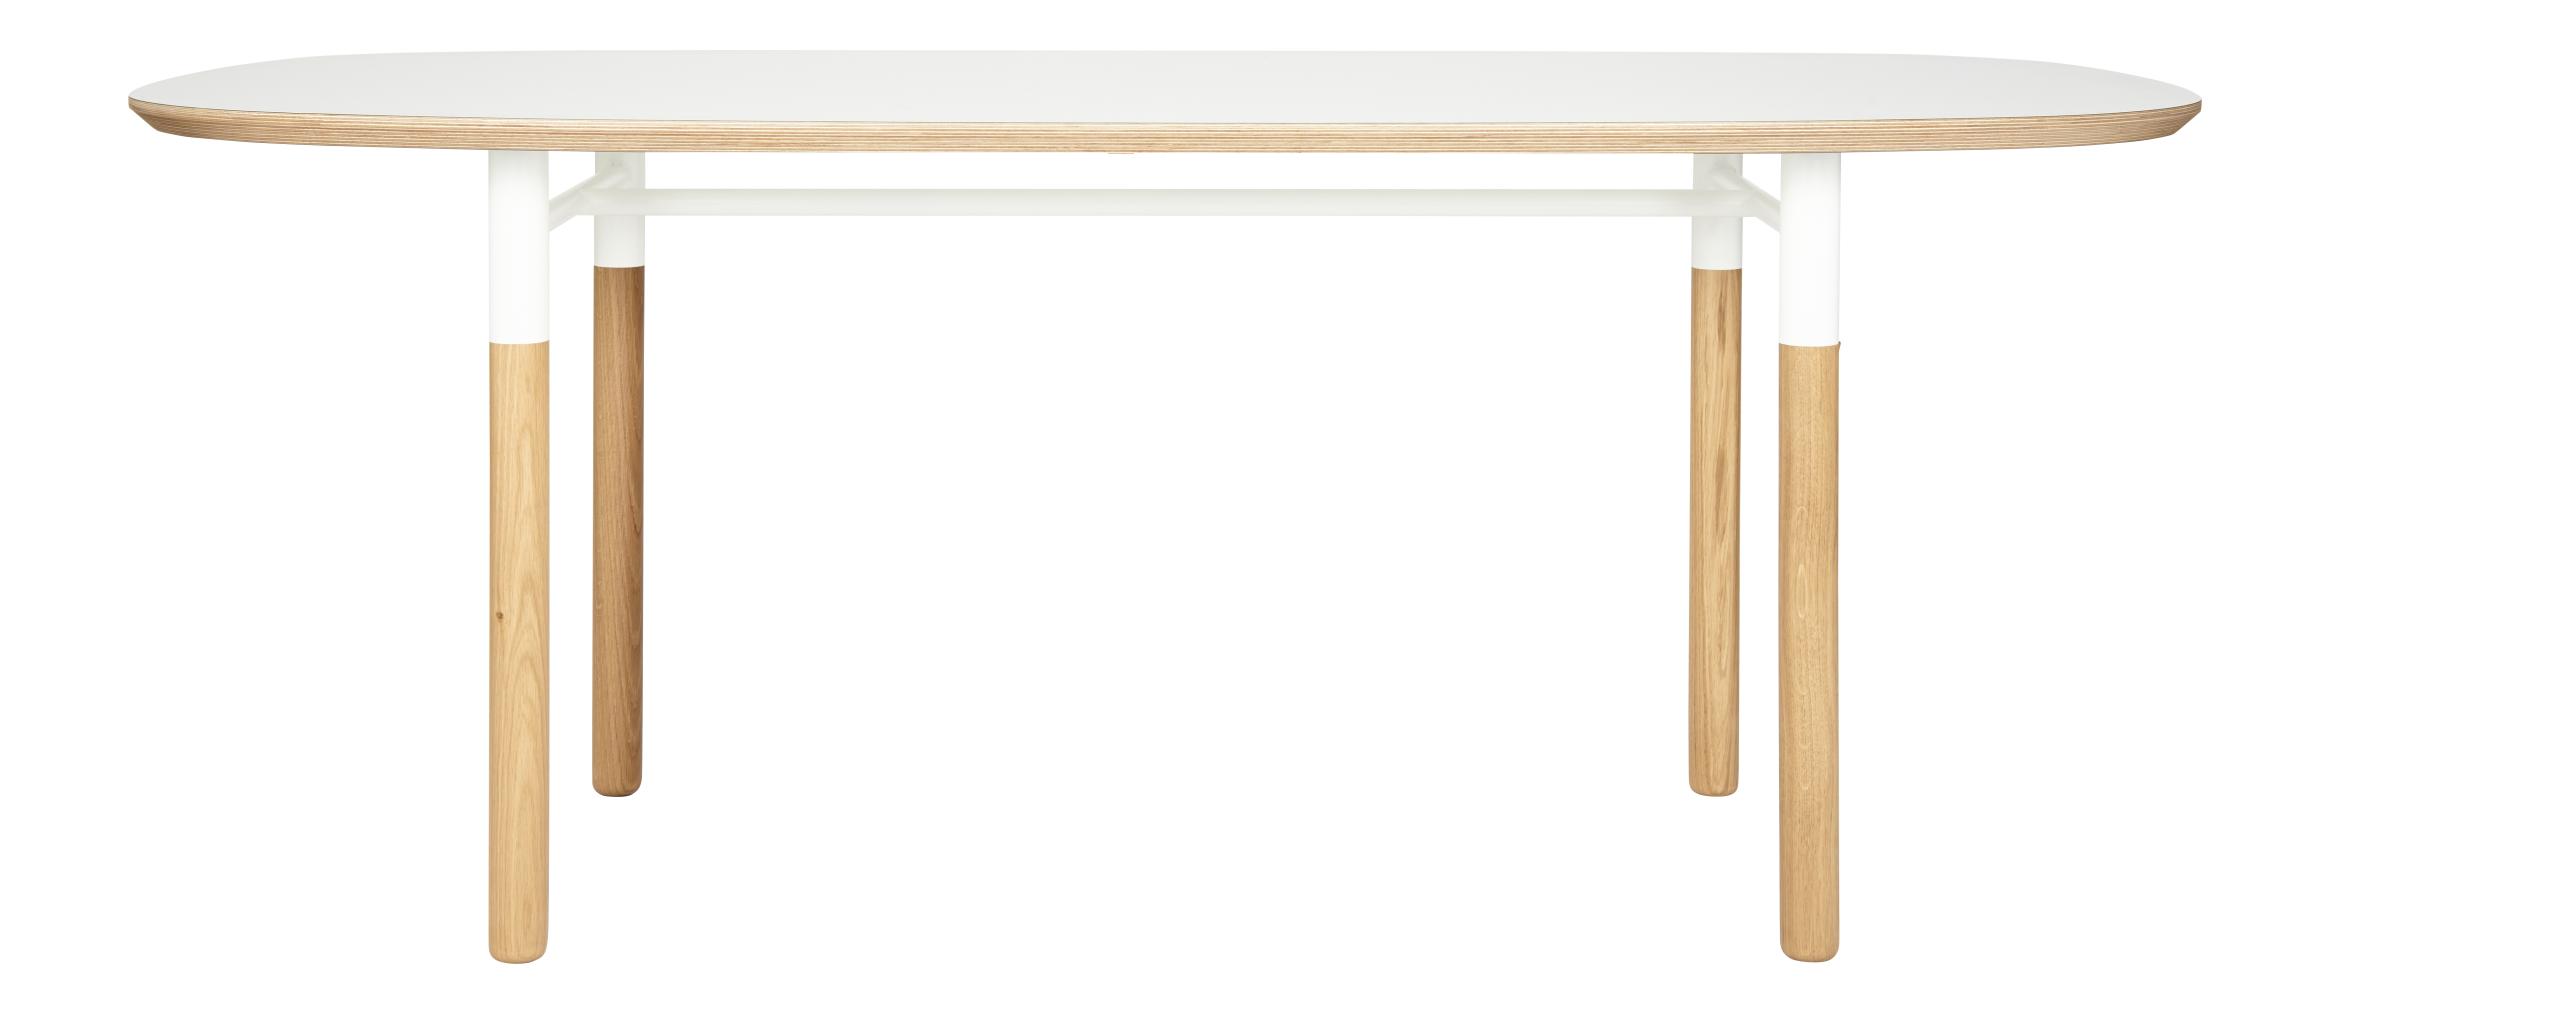 ovale esszimmertische weiß holz | wohnung | pinterest, Esstisch ideennn